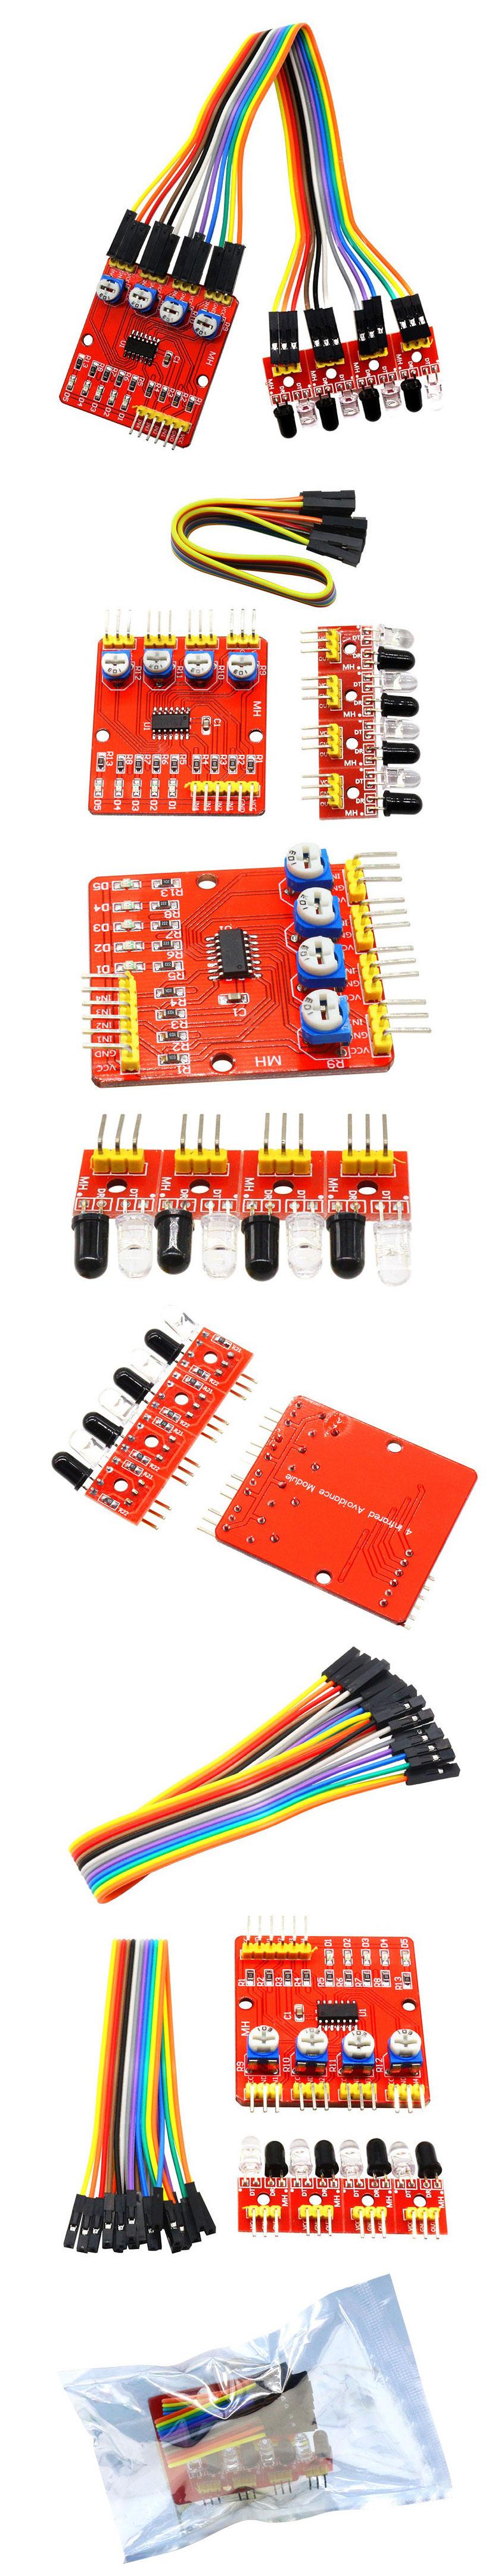 BTE-511 czterokanałowy 4 kanałowy czujnik odległości do Arduino i układów mikroprocesorowych